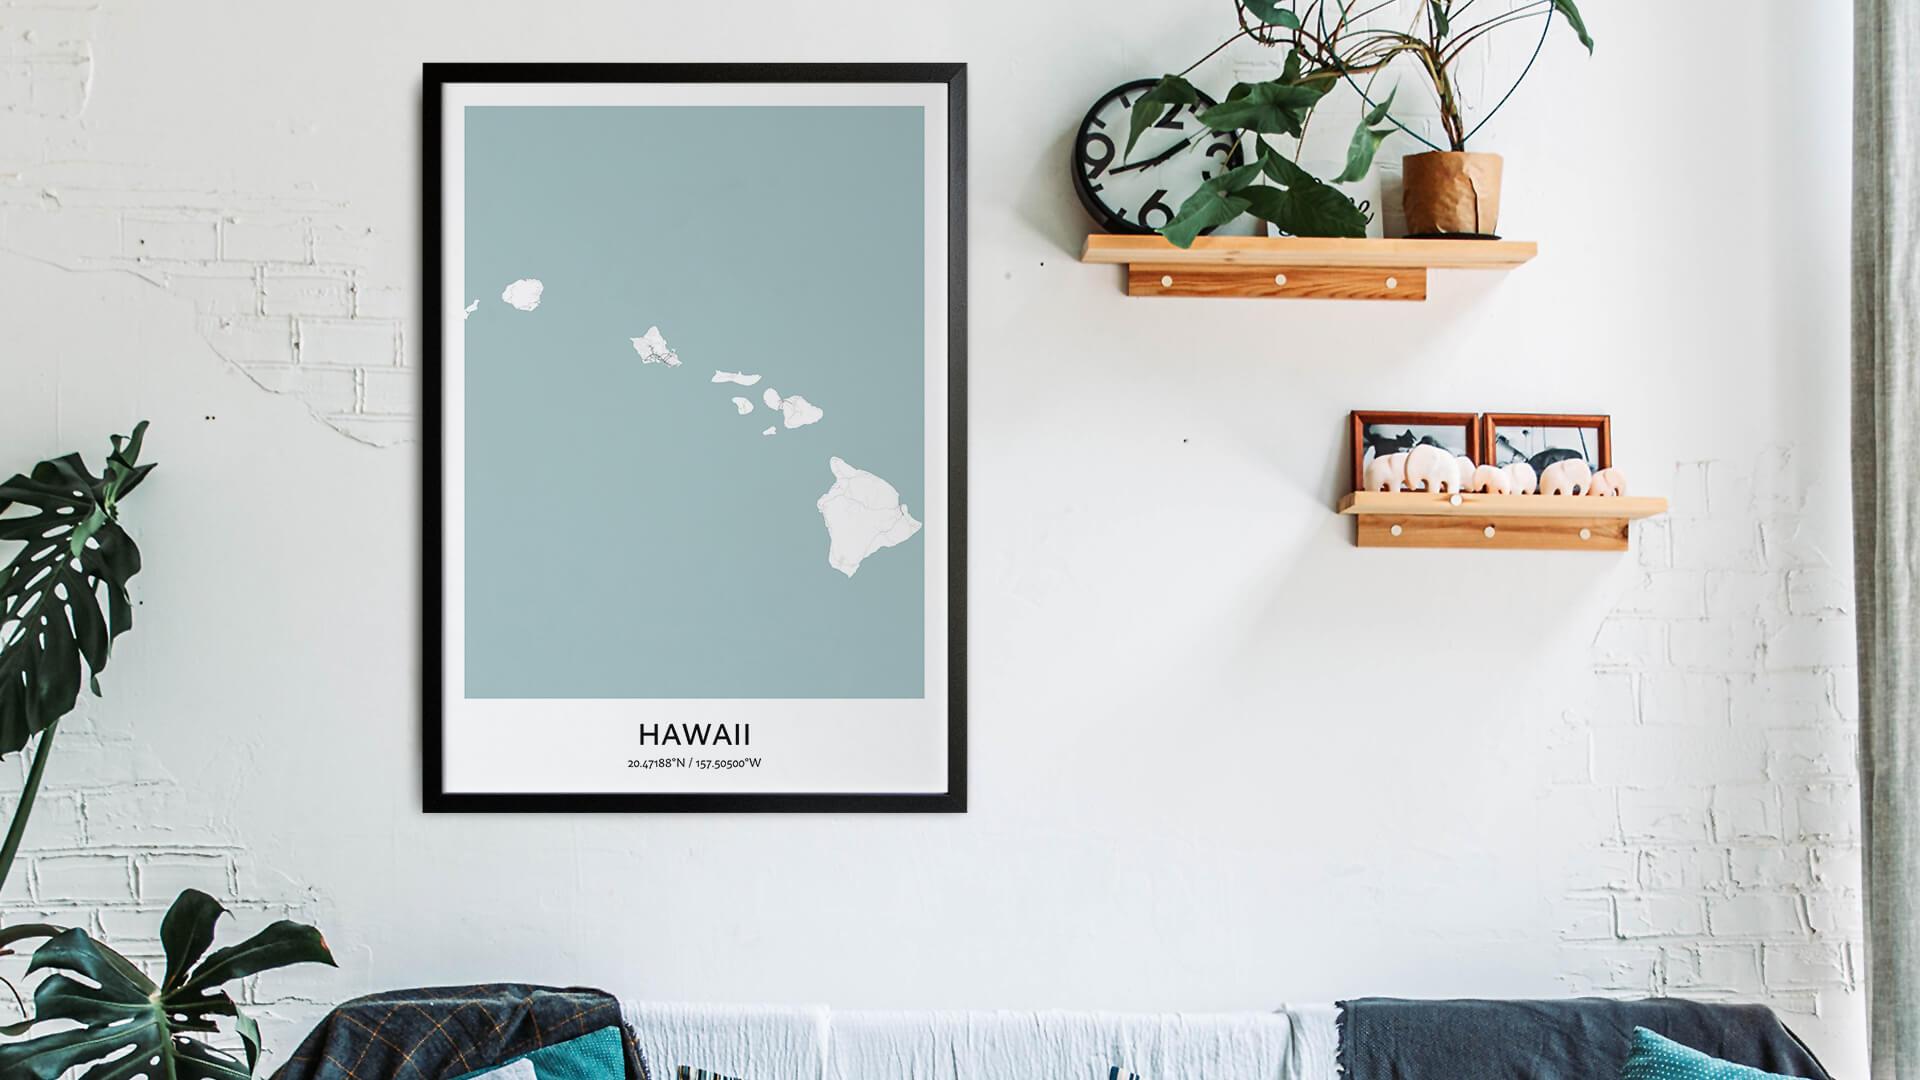 Hawaii map art